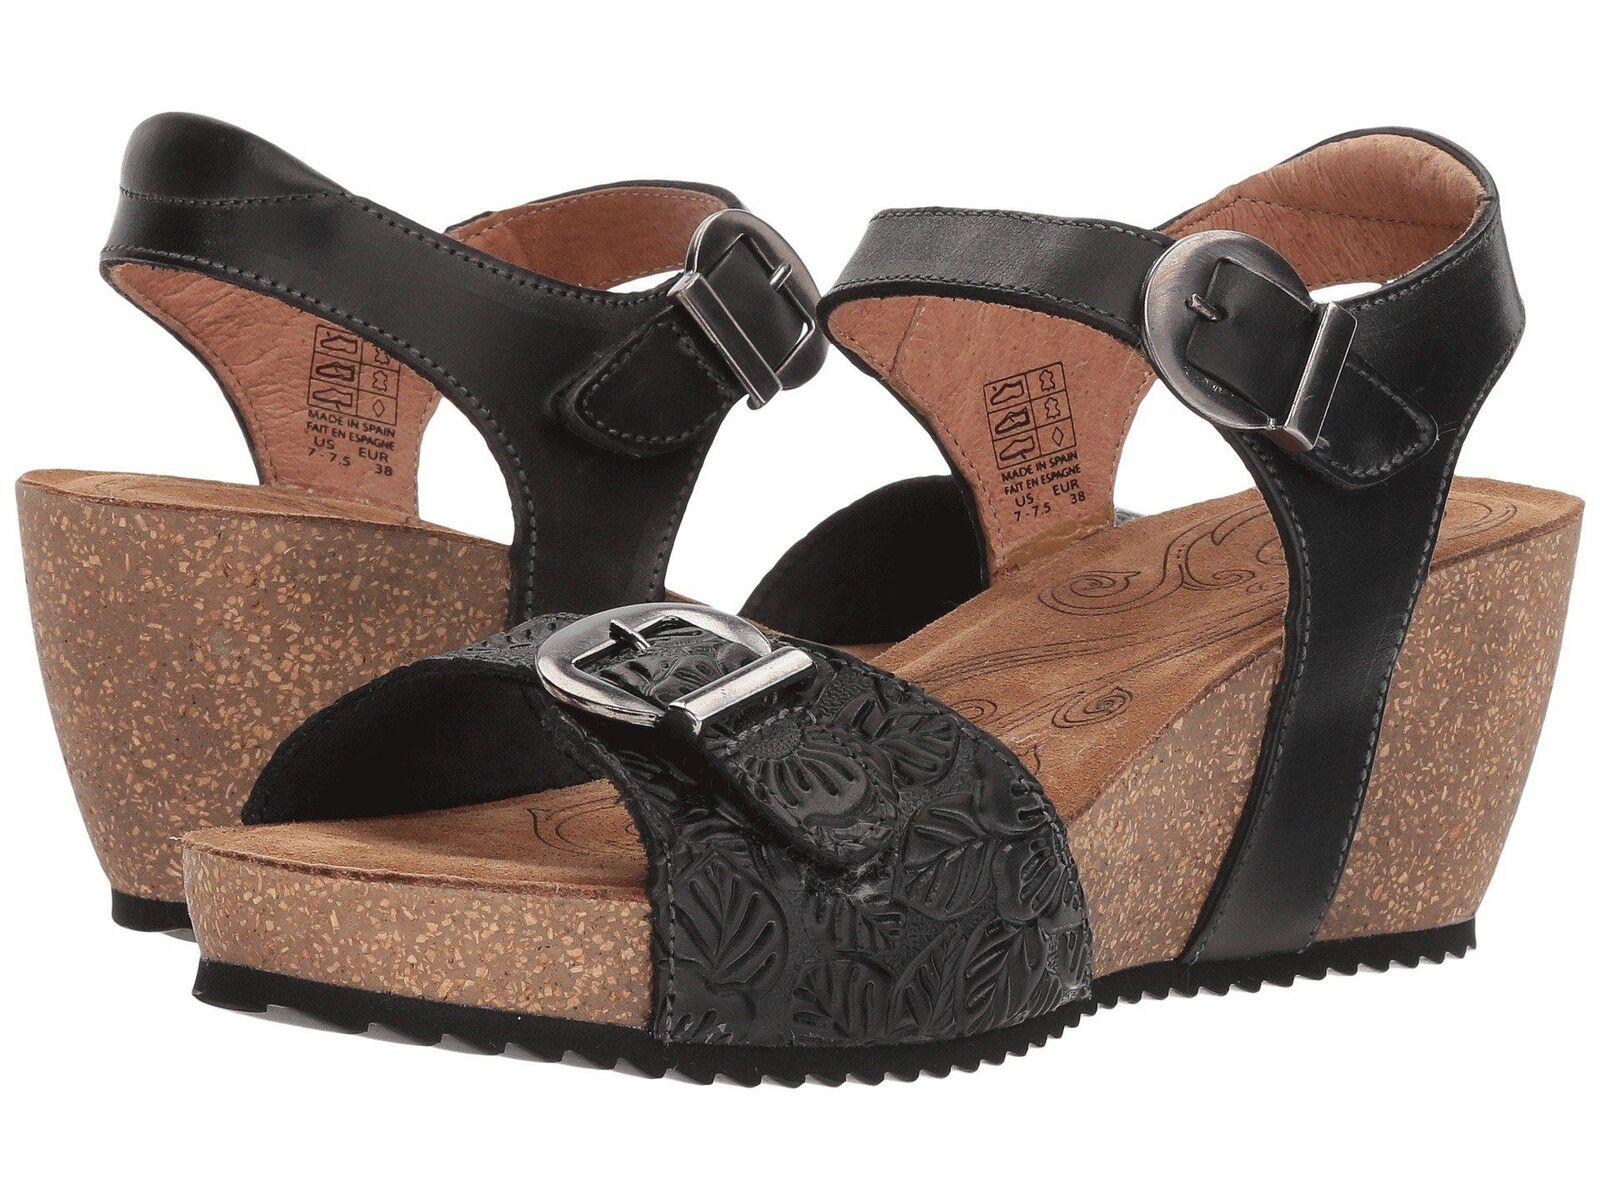 Taos Tallulah Black Platform Wedge Sandal Sandal Sandal US 9.5 EU 40 e0fd7b